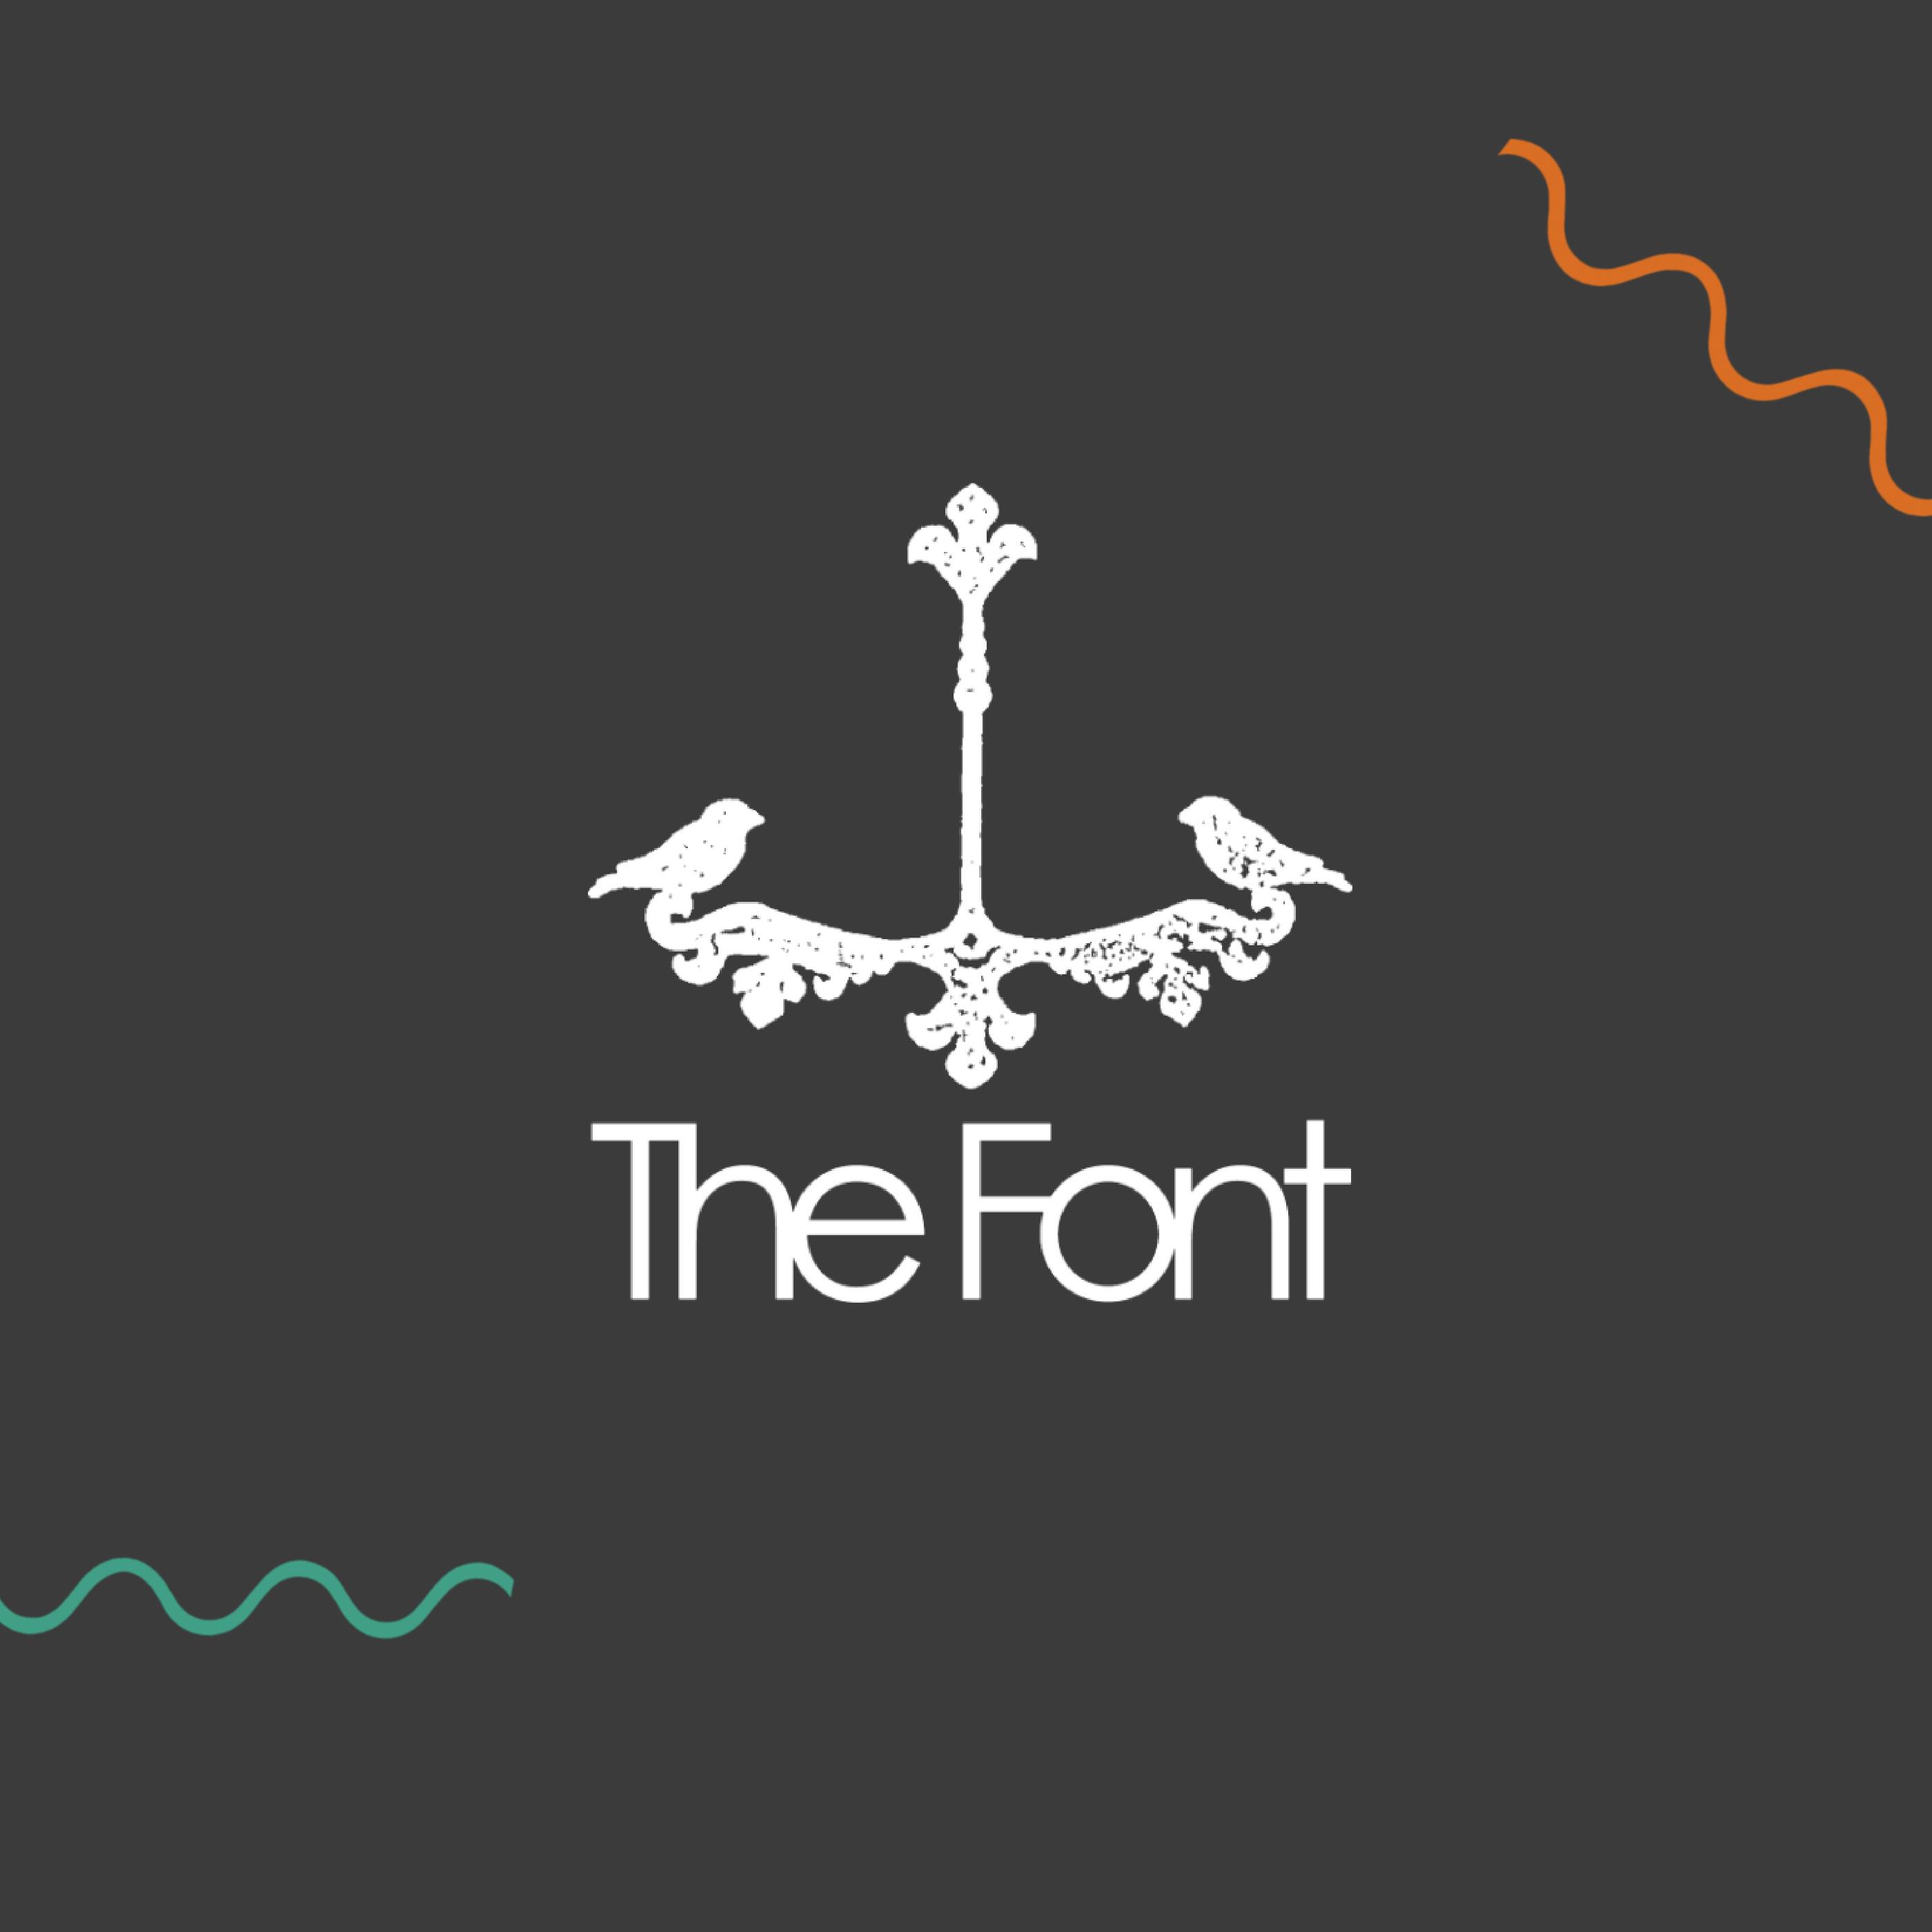 The Font bar Manchester website design and development